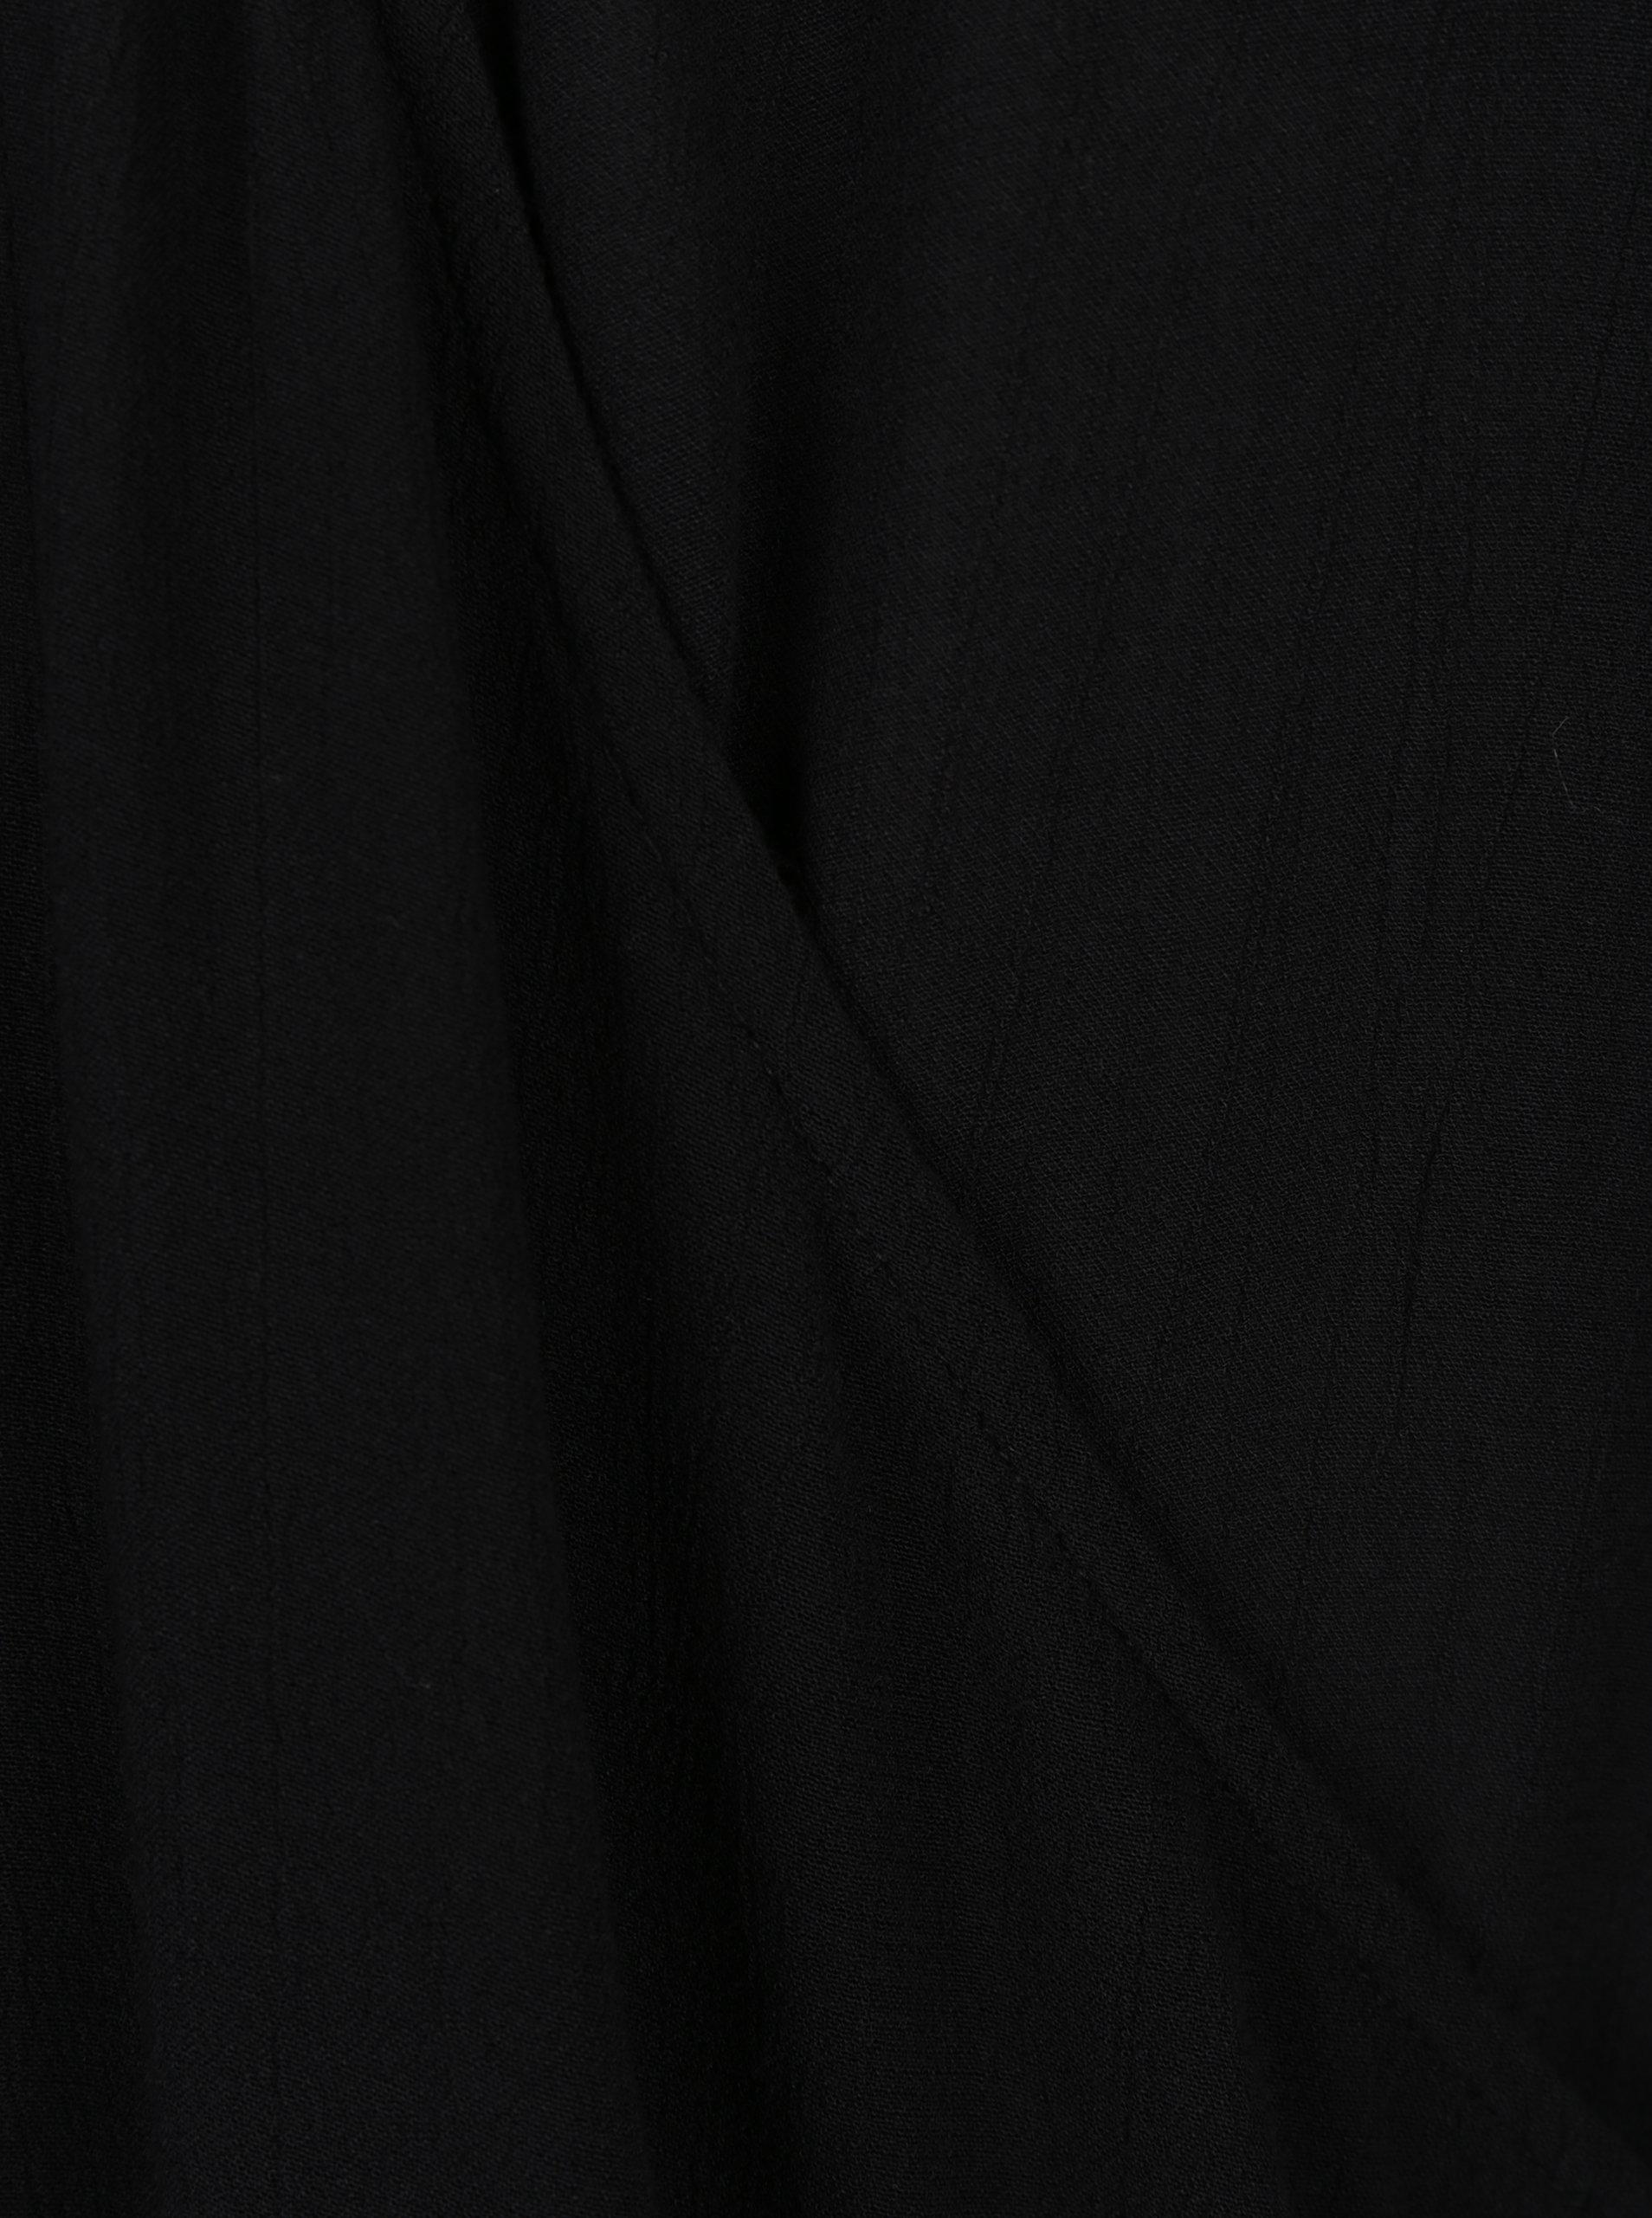 cea26a609b Čierna blúzka s prekladaným výstrihom VERO MODA Misty ...